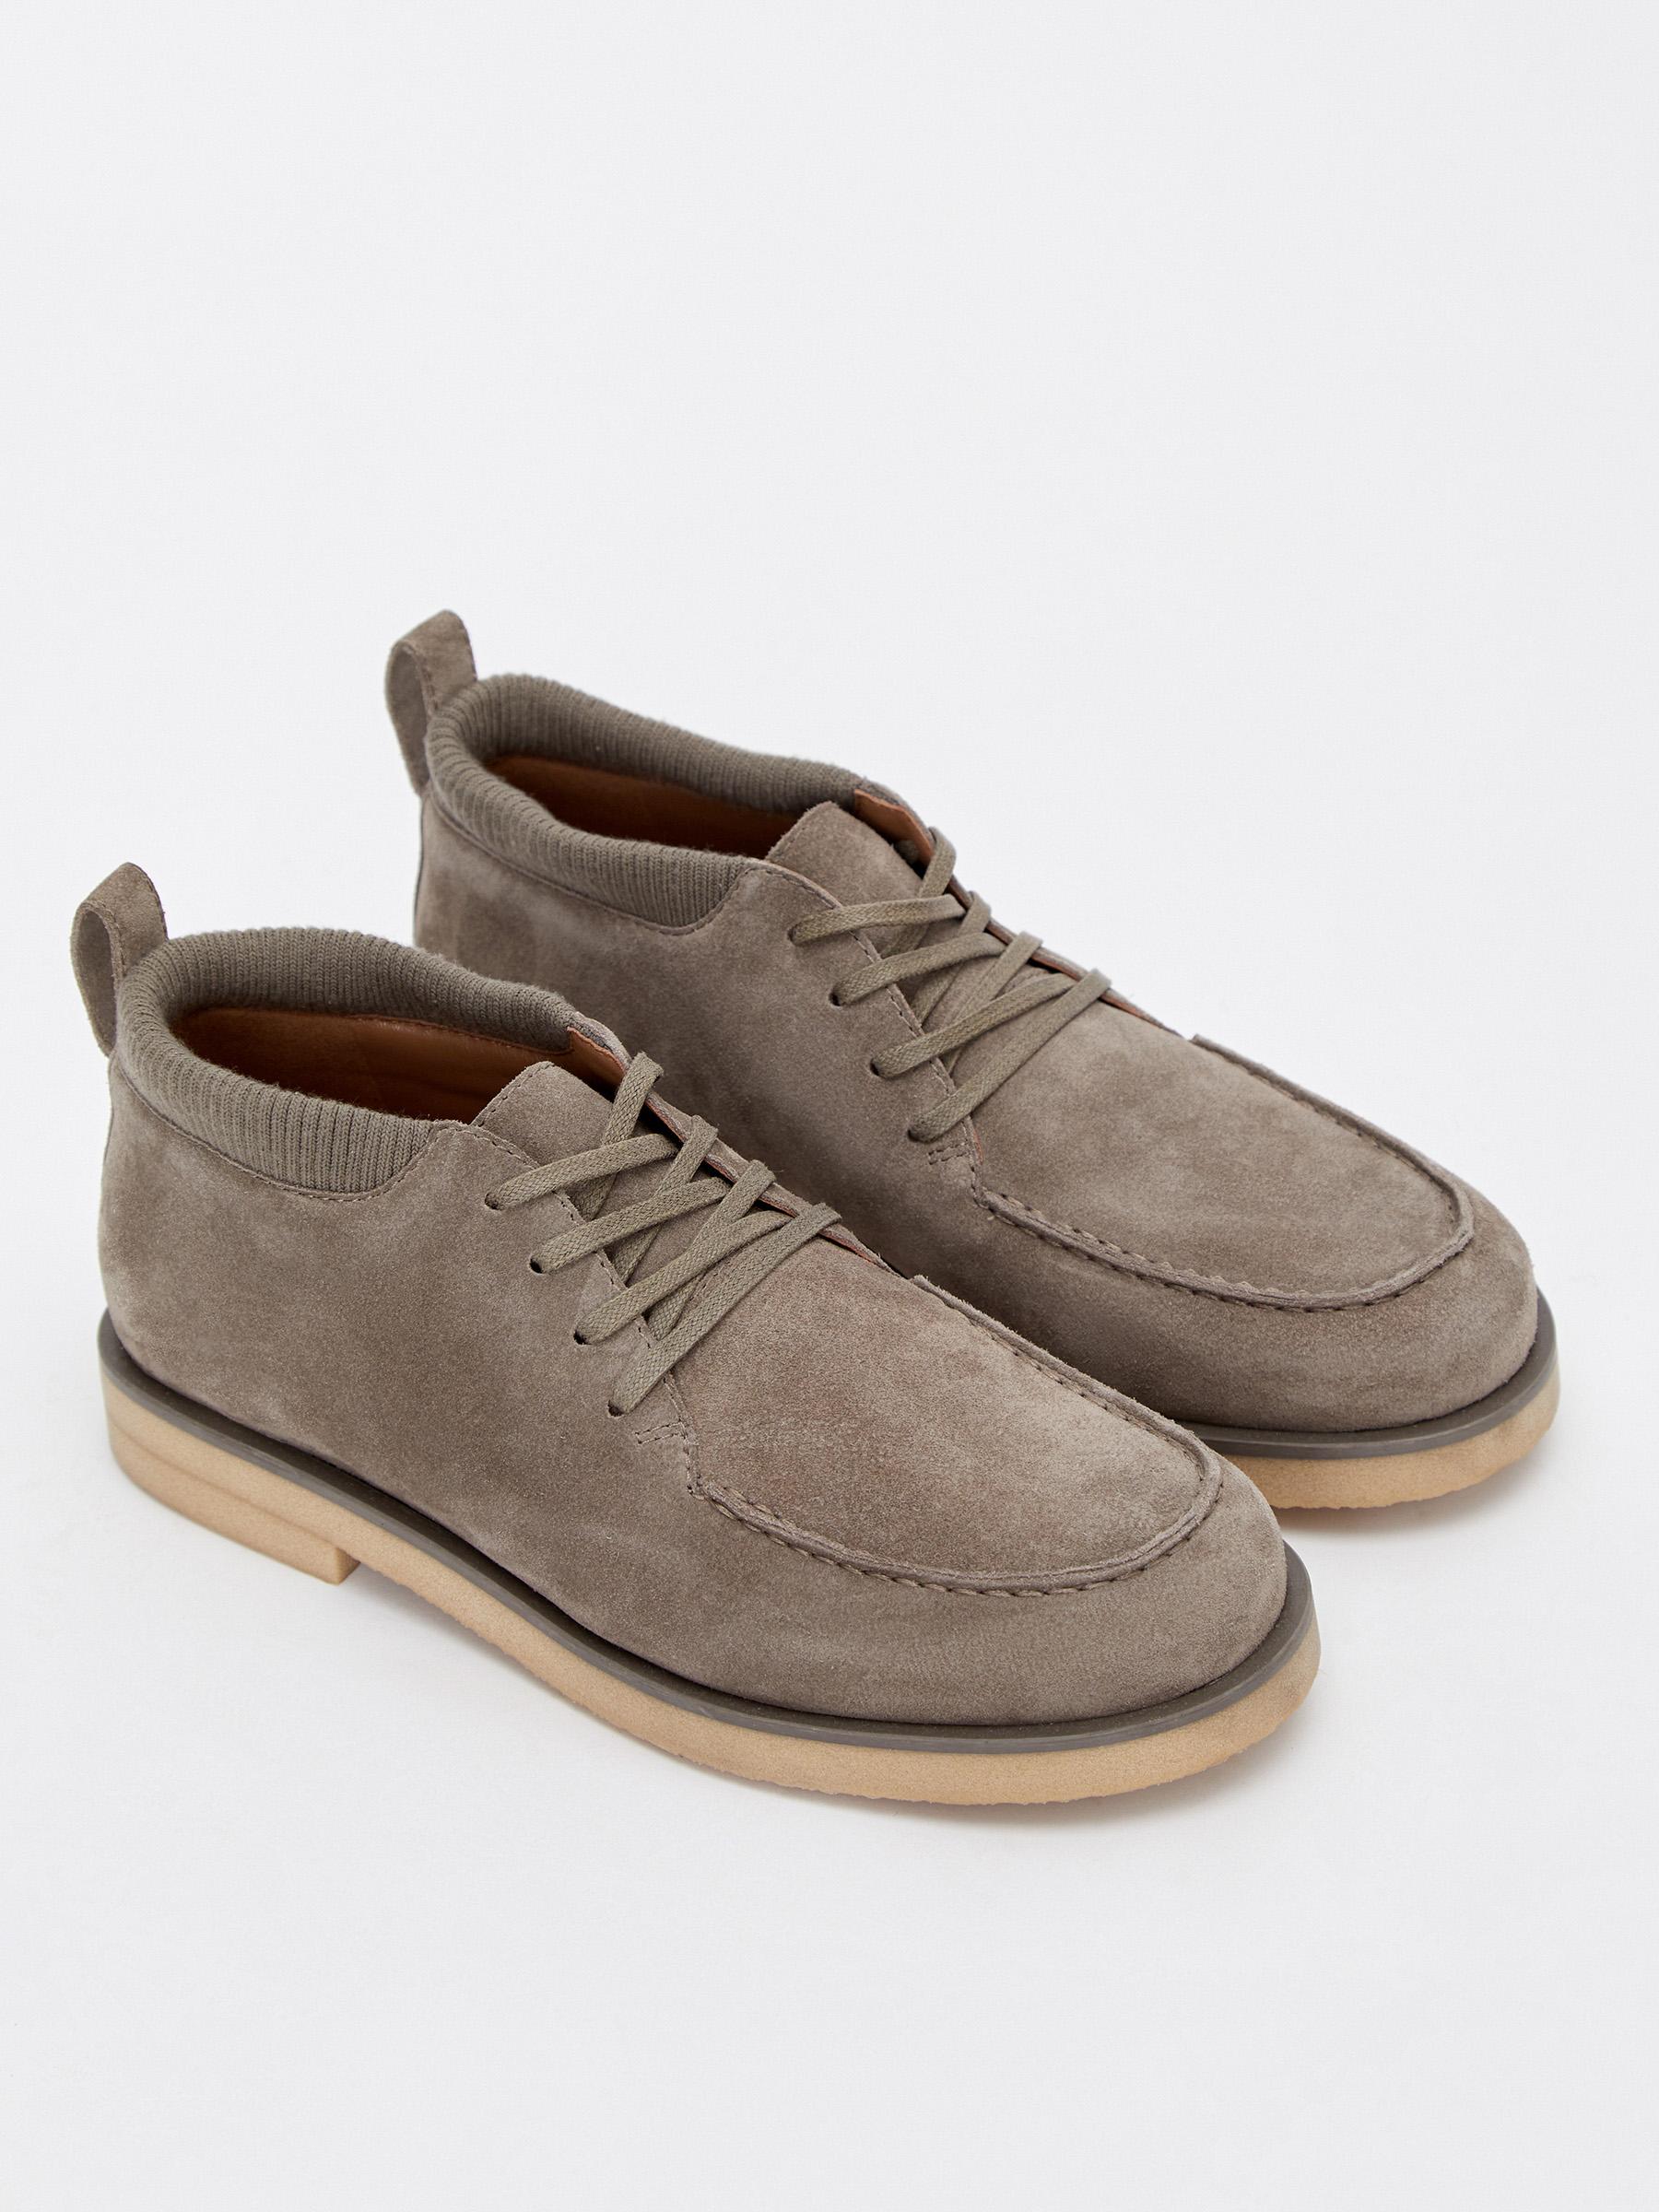 12⠀storeez ботинки на шнурках 12⠀STOREEZ Низкие ботинки на шнурках